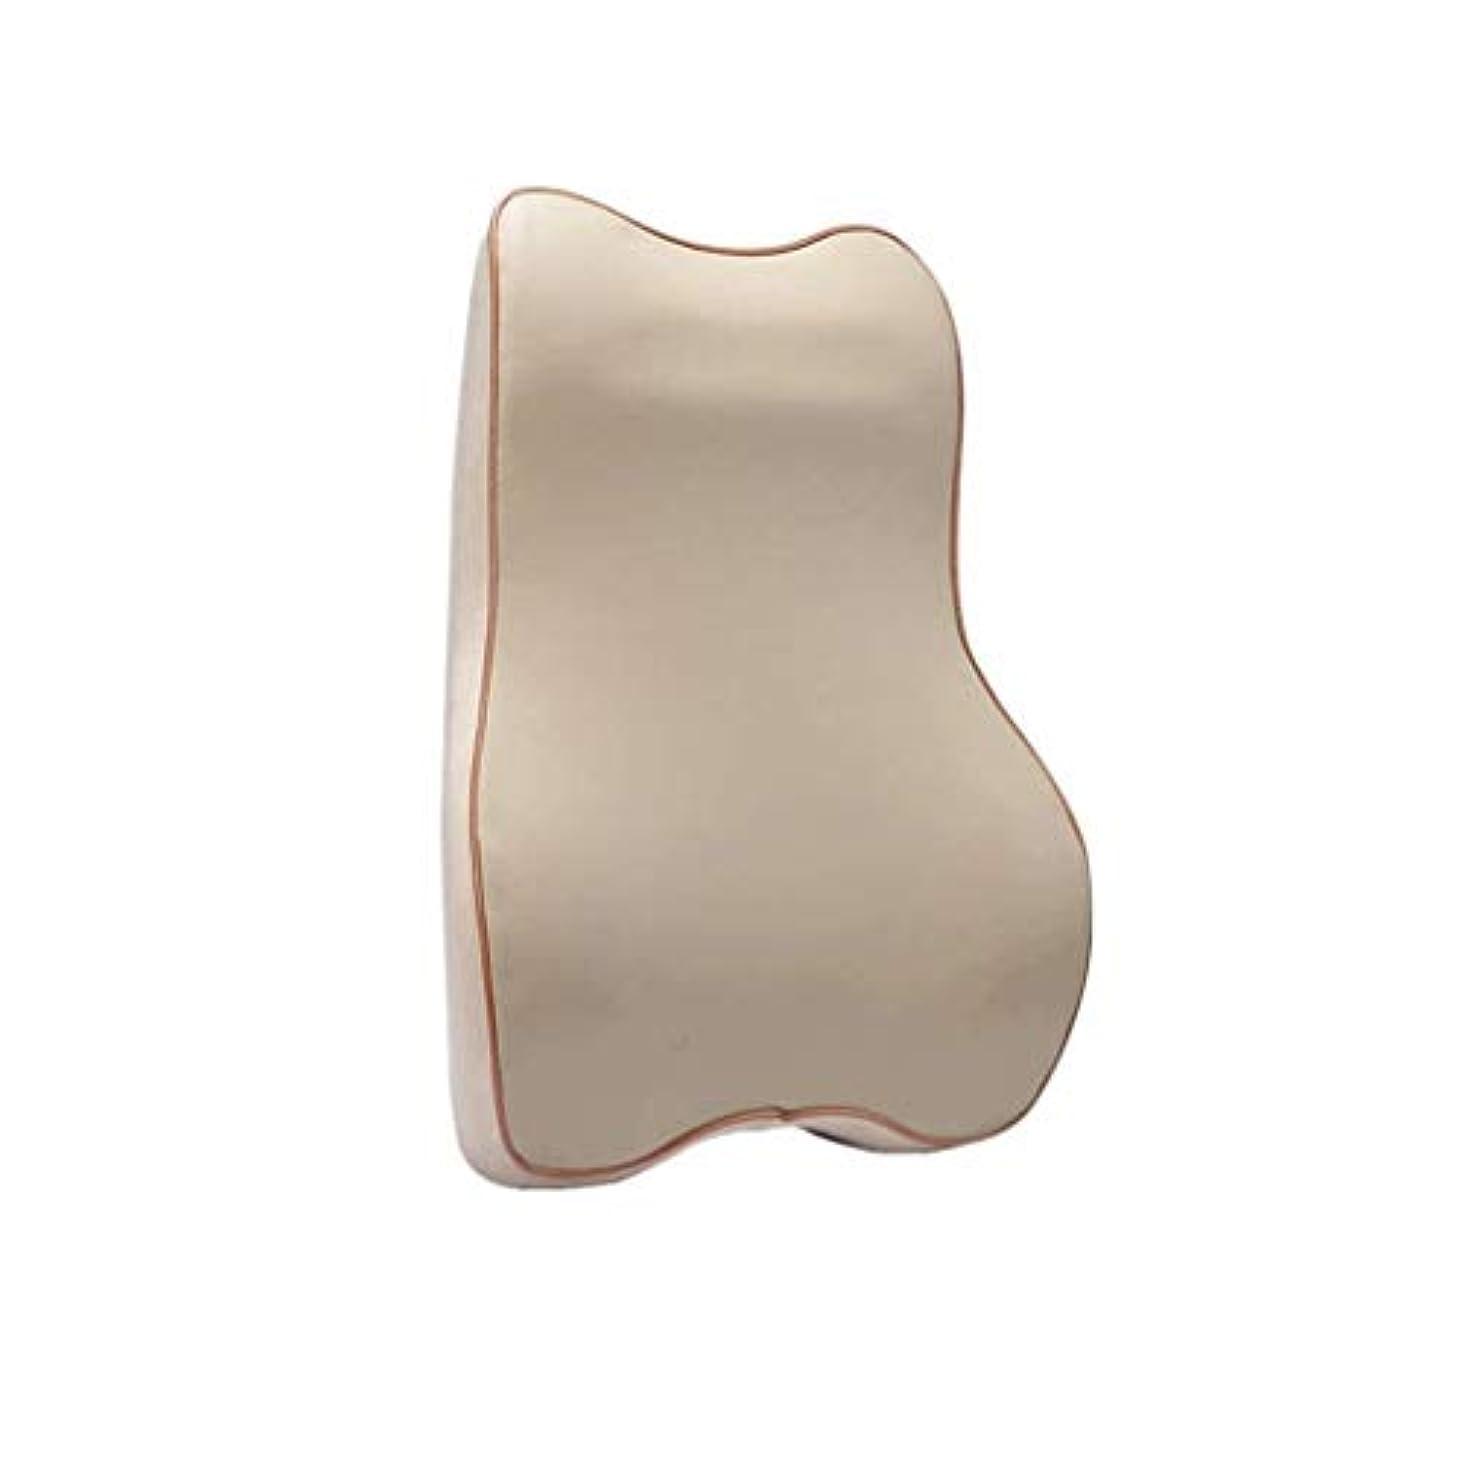 合理的弱点感情腰椎枕 - 姿勢療法ウエストクッション - 低反発フォーム、人間工学に基づいたオフィスチェア車とトラベルバックサポート枕を使用して、上下の腰痛を緩和し、予防します (Color : Beige)